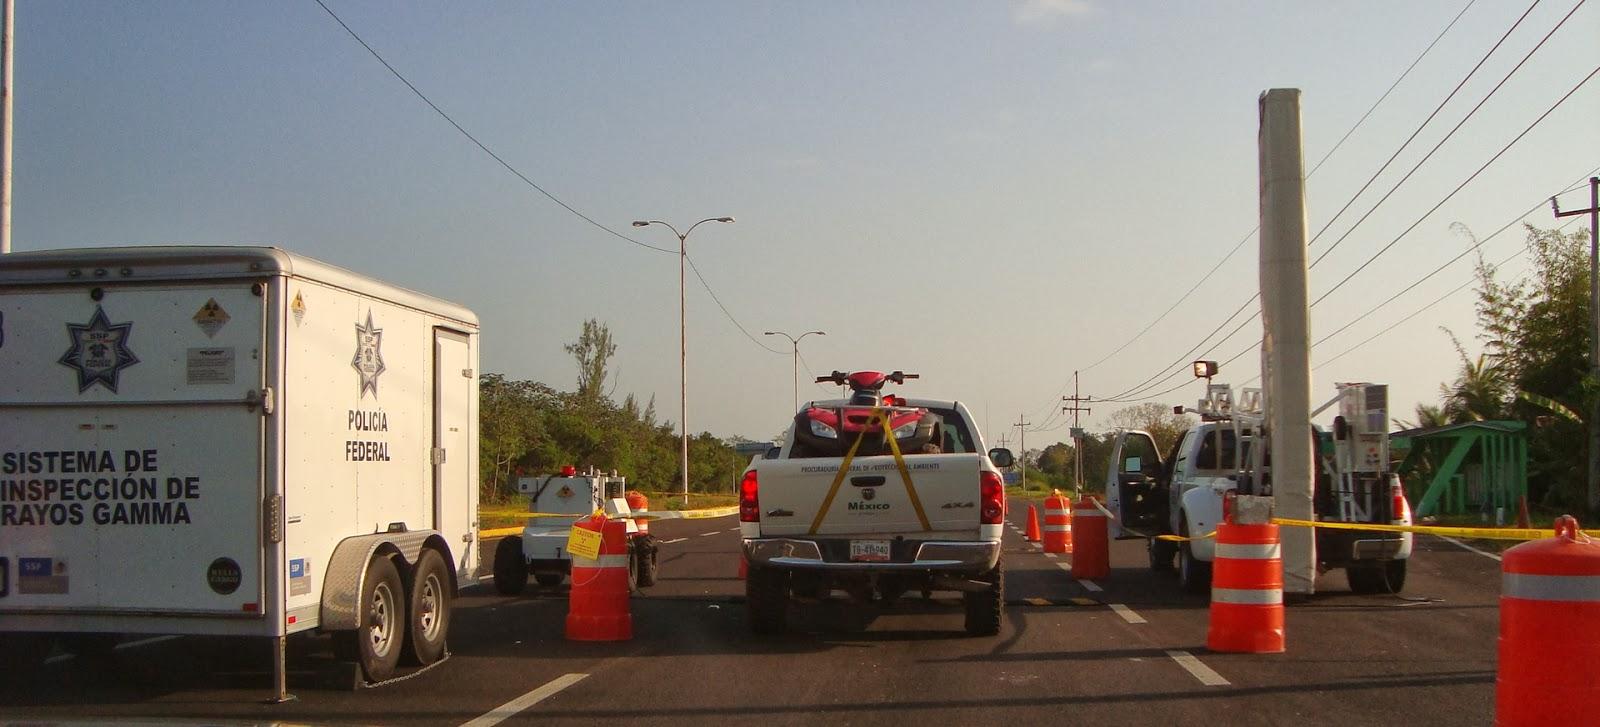 Policia Federal y Policias Estatales Mexico DSC02757